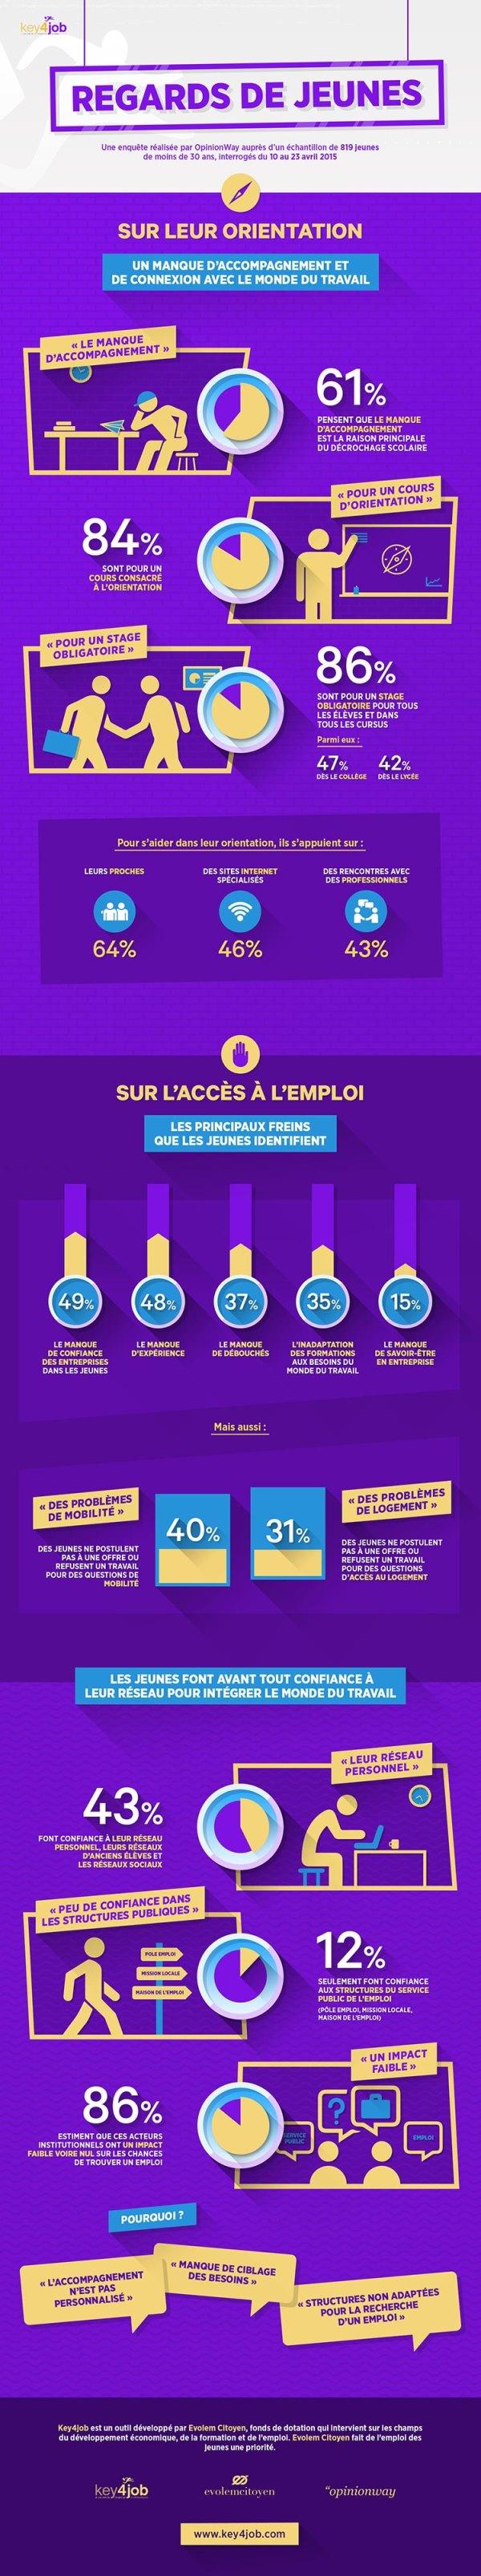 [Infographie] Les jeunes face à l'orientation